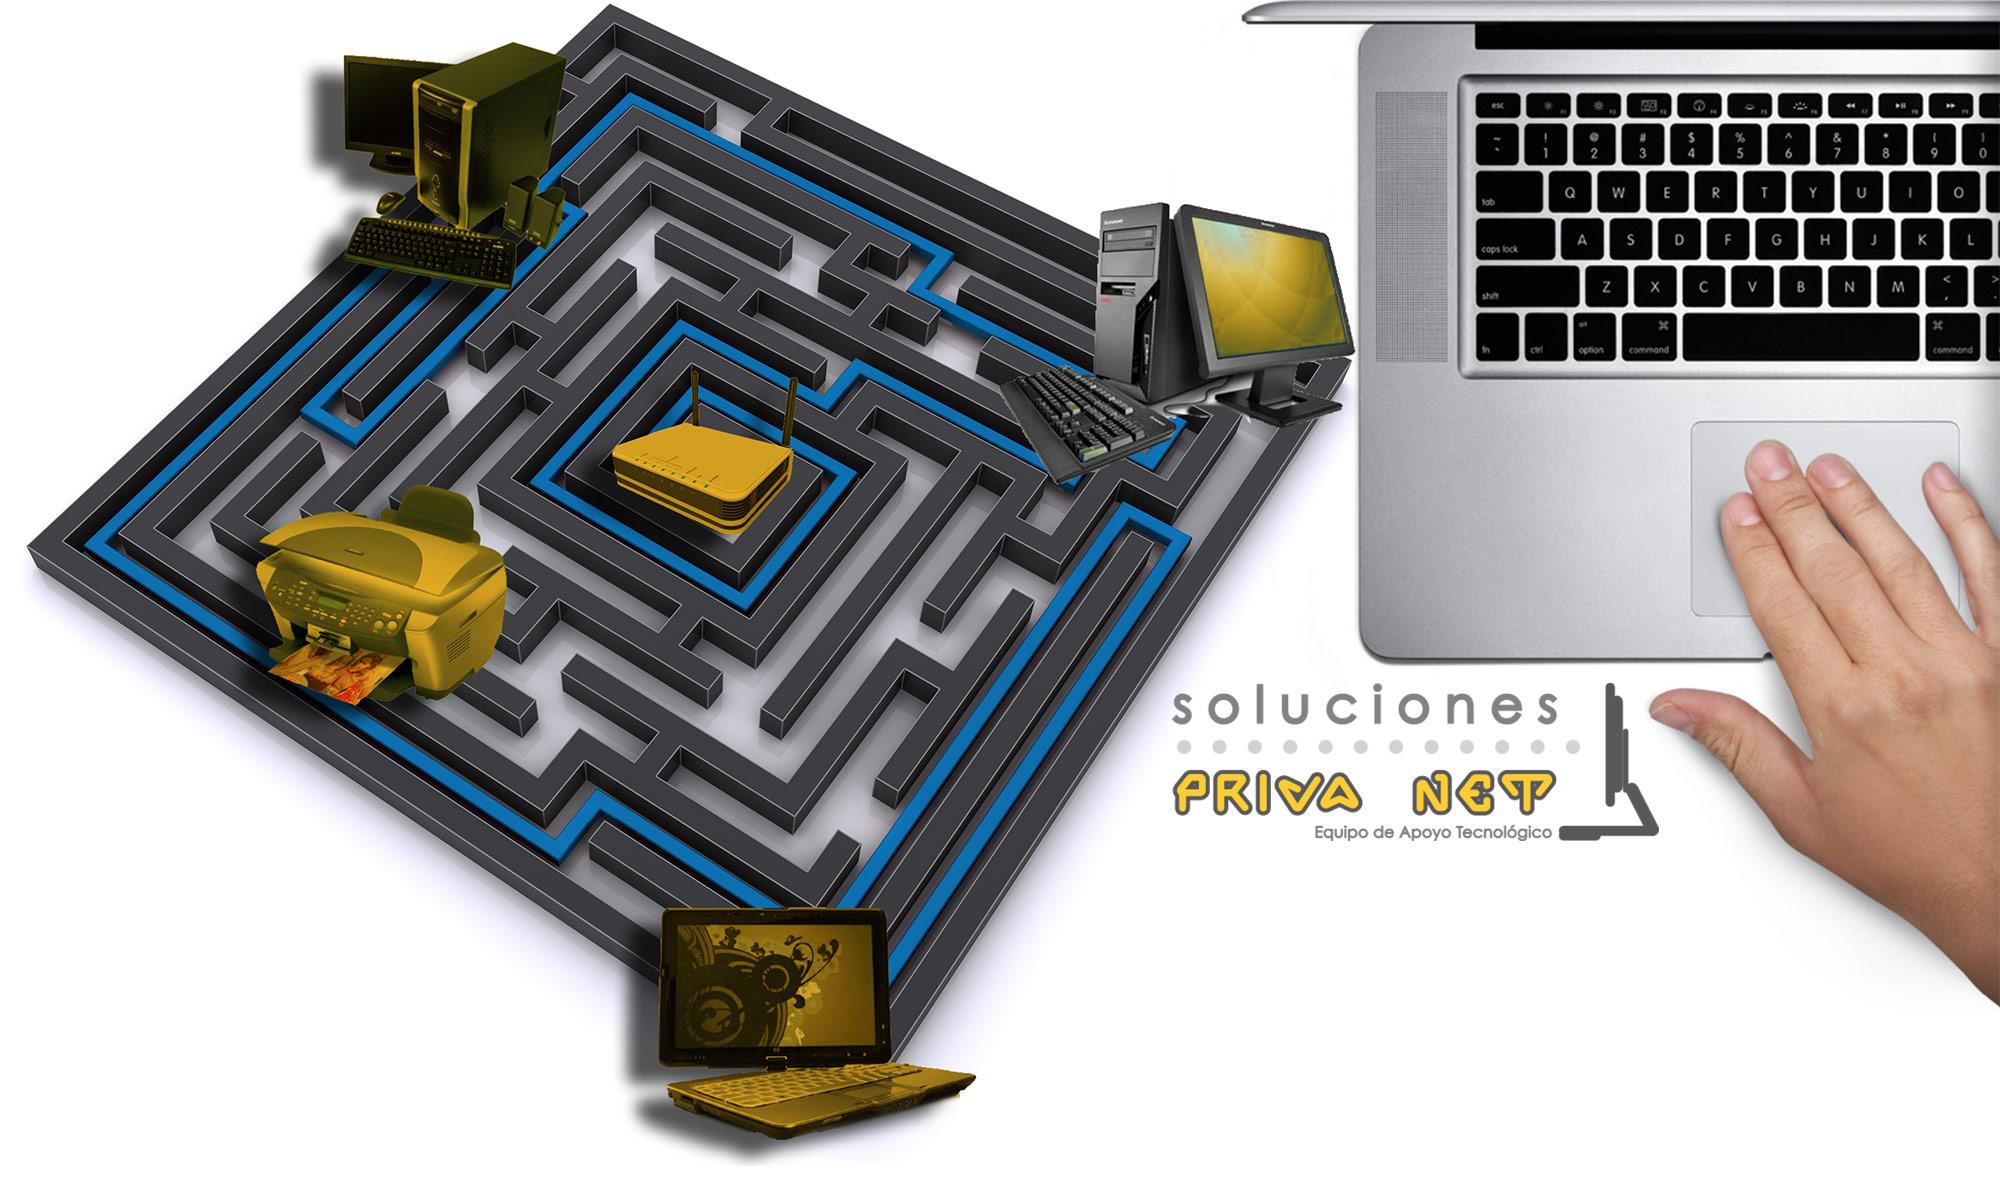 Soluciones Priva Net